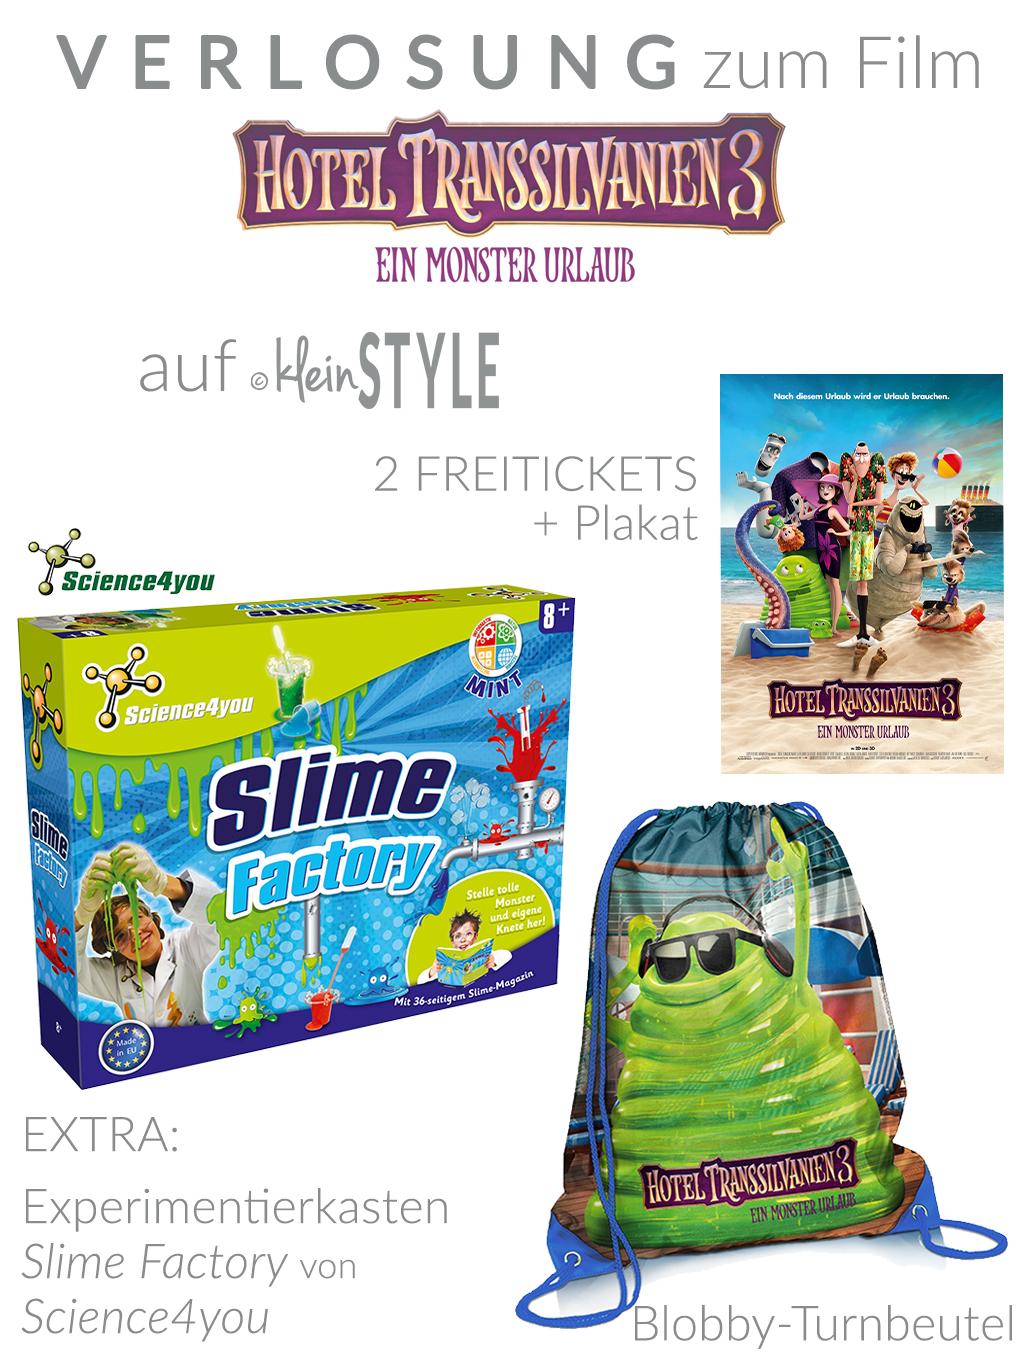 HOTEL TRANSSILVANIEN 3 Monster Urlaub Gewinnspiel kleinSTYLE.com